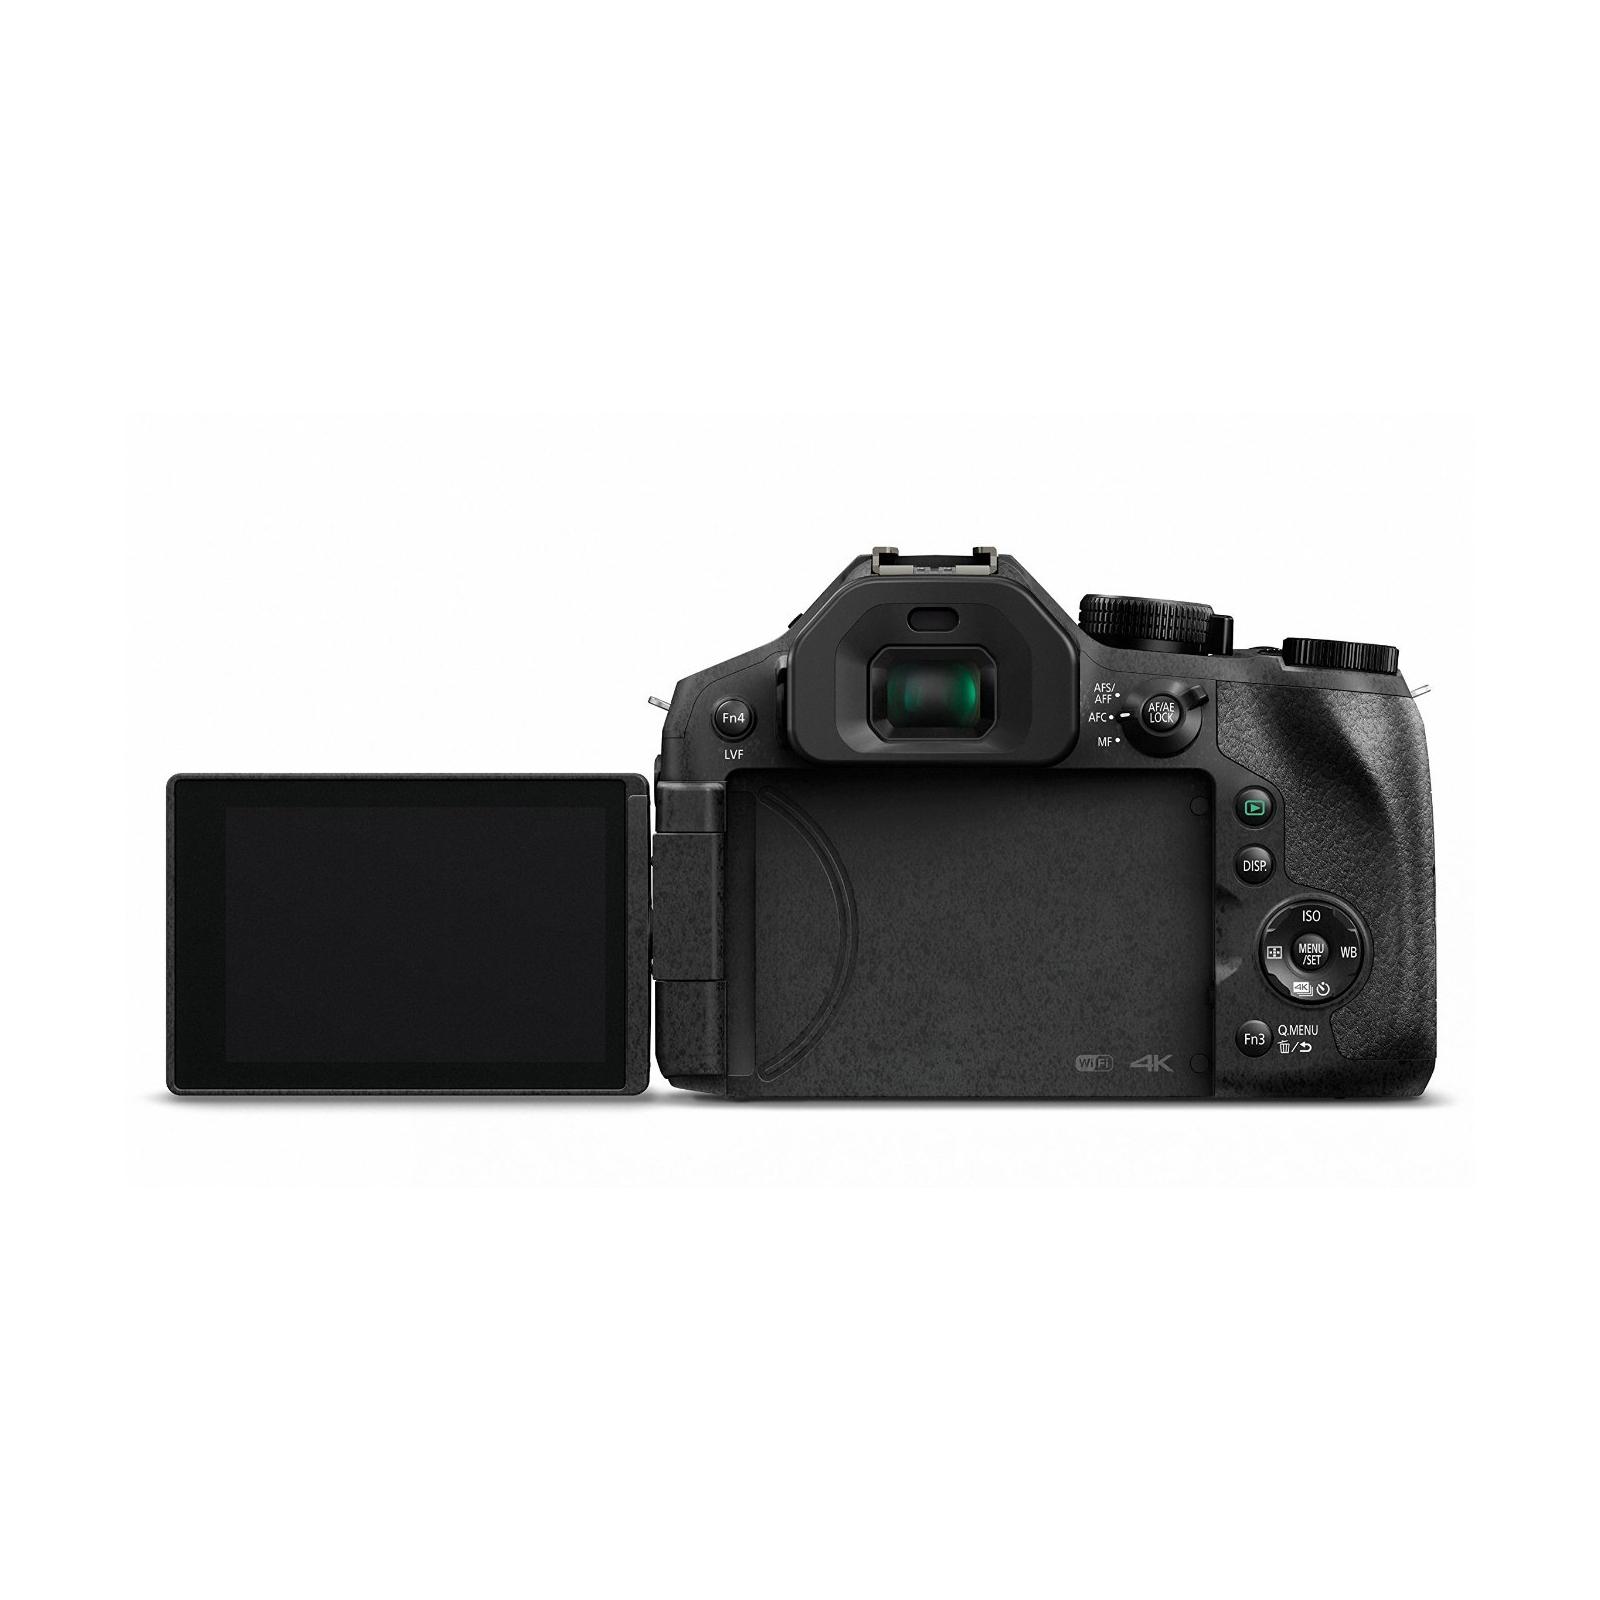 Цифровой фотоаппарат PANASONIC DMC-FZ300 (DMC-FZ300EEK) изображение 11